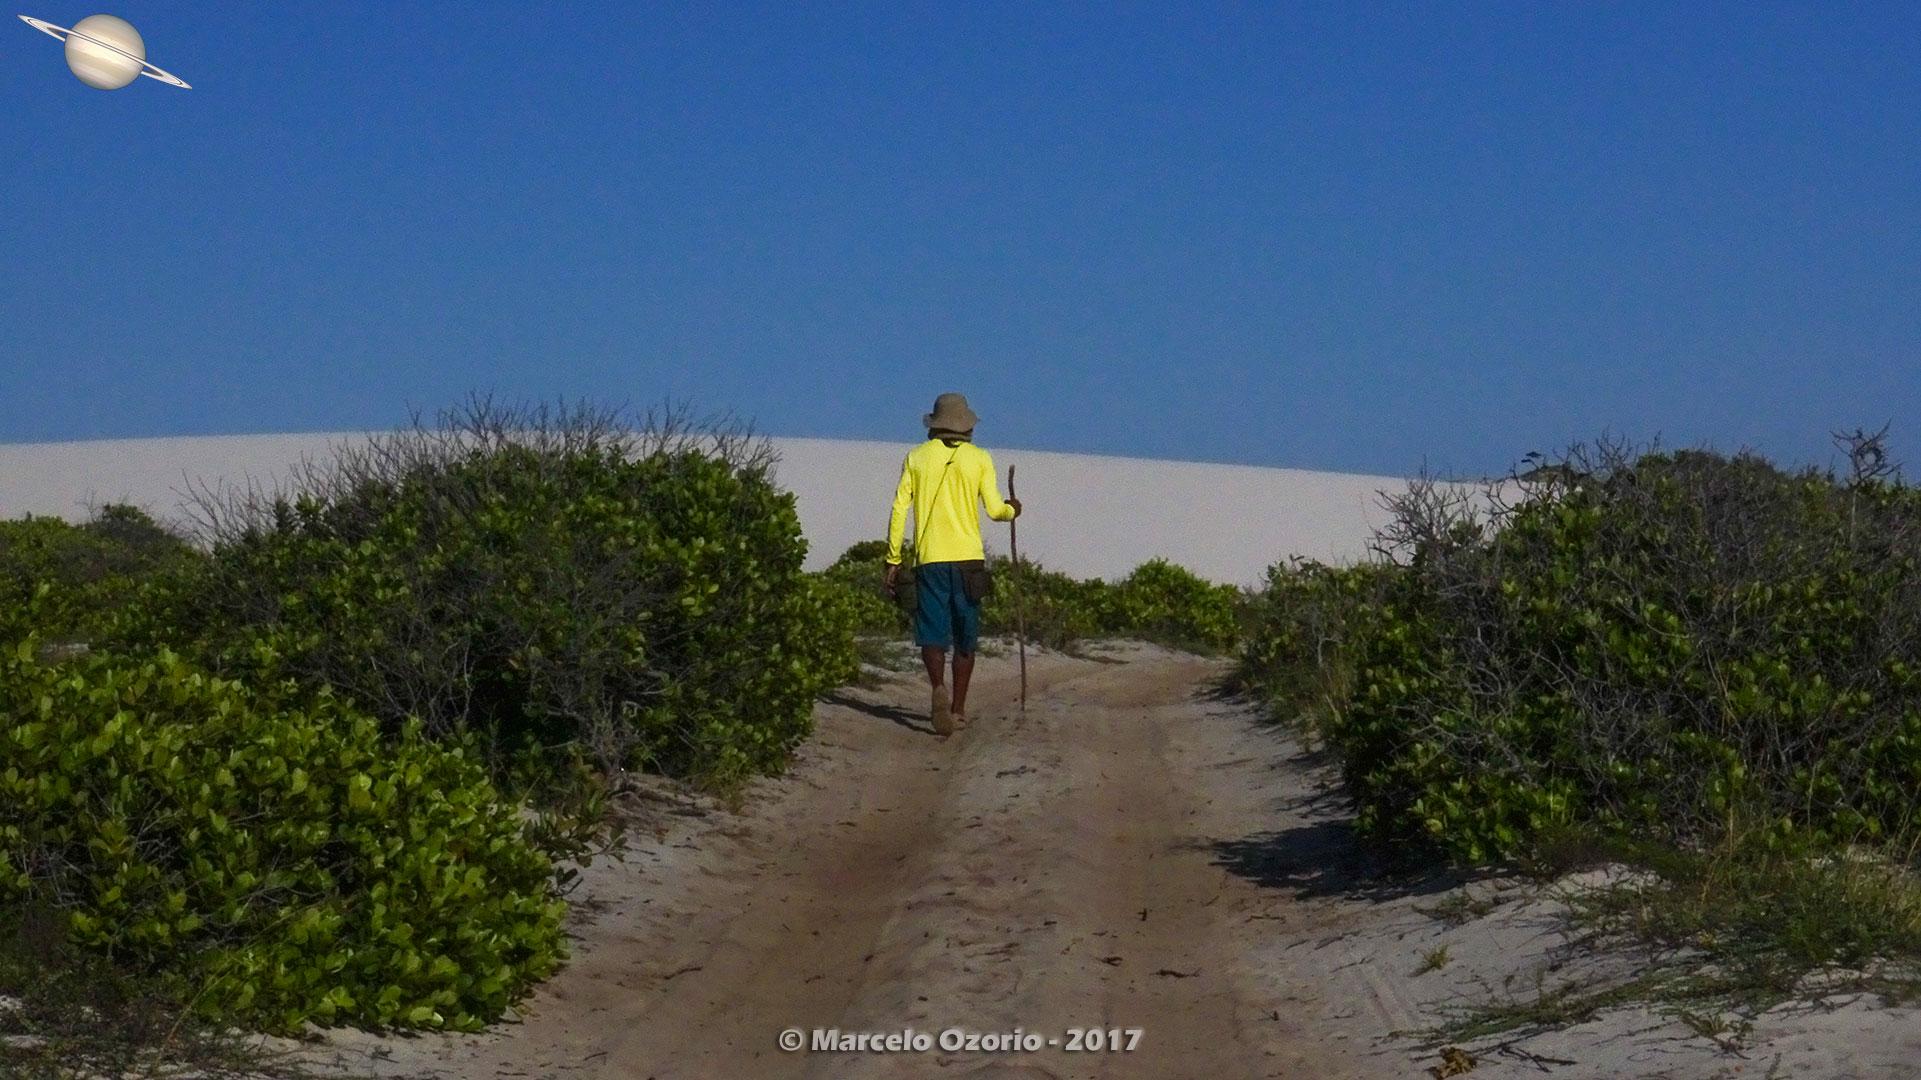 dia 3 explorando lencois maranhenses 35 - Explorando o Centro do Parque Nacional dos Lençóis Maranhenses - Brasil